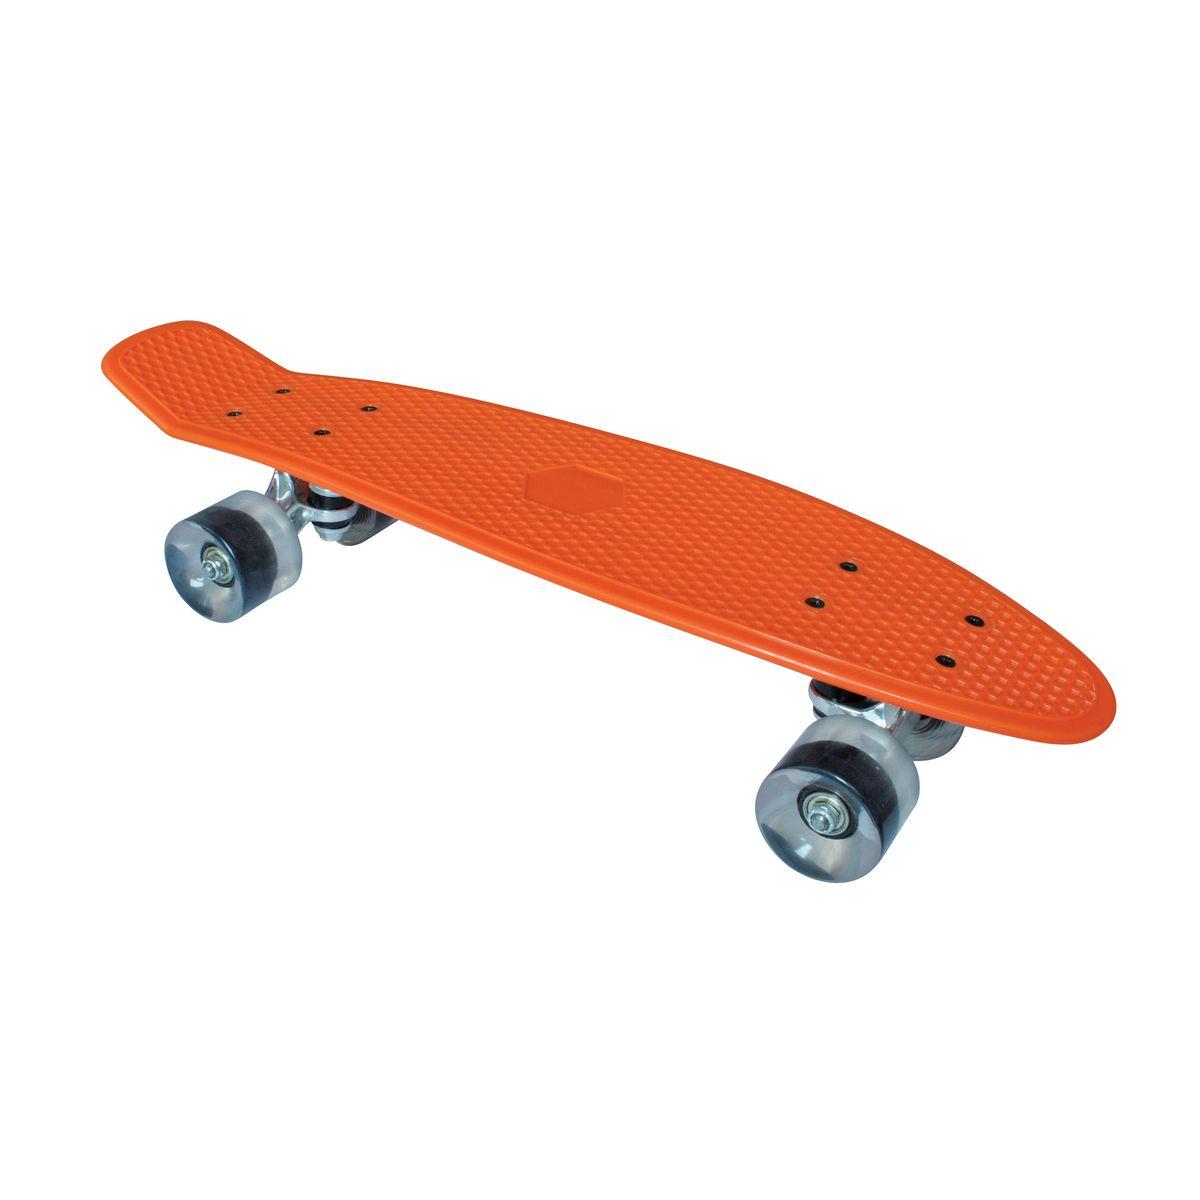 Скейтборд пластиковый Tempish Retro Buffy, цвет: оранжевый8592678027547Скейтборд Retro Buffy - скейт для начинающих райдеров.Tempish - широкоизвестный в Европе чешский бренд спортивных товаров.Основные направления бренда - это инлайновые роликовые коньки, ледовыеконьки и хоккейная амуниция, скейтборды.Скейтборды Tempish - это товары топ-уровня с современным дизайном иизготовленные по лучшим надежным технологиям согласно всем принятымнормам безопасности и качества!